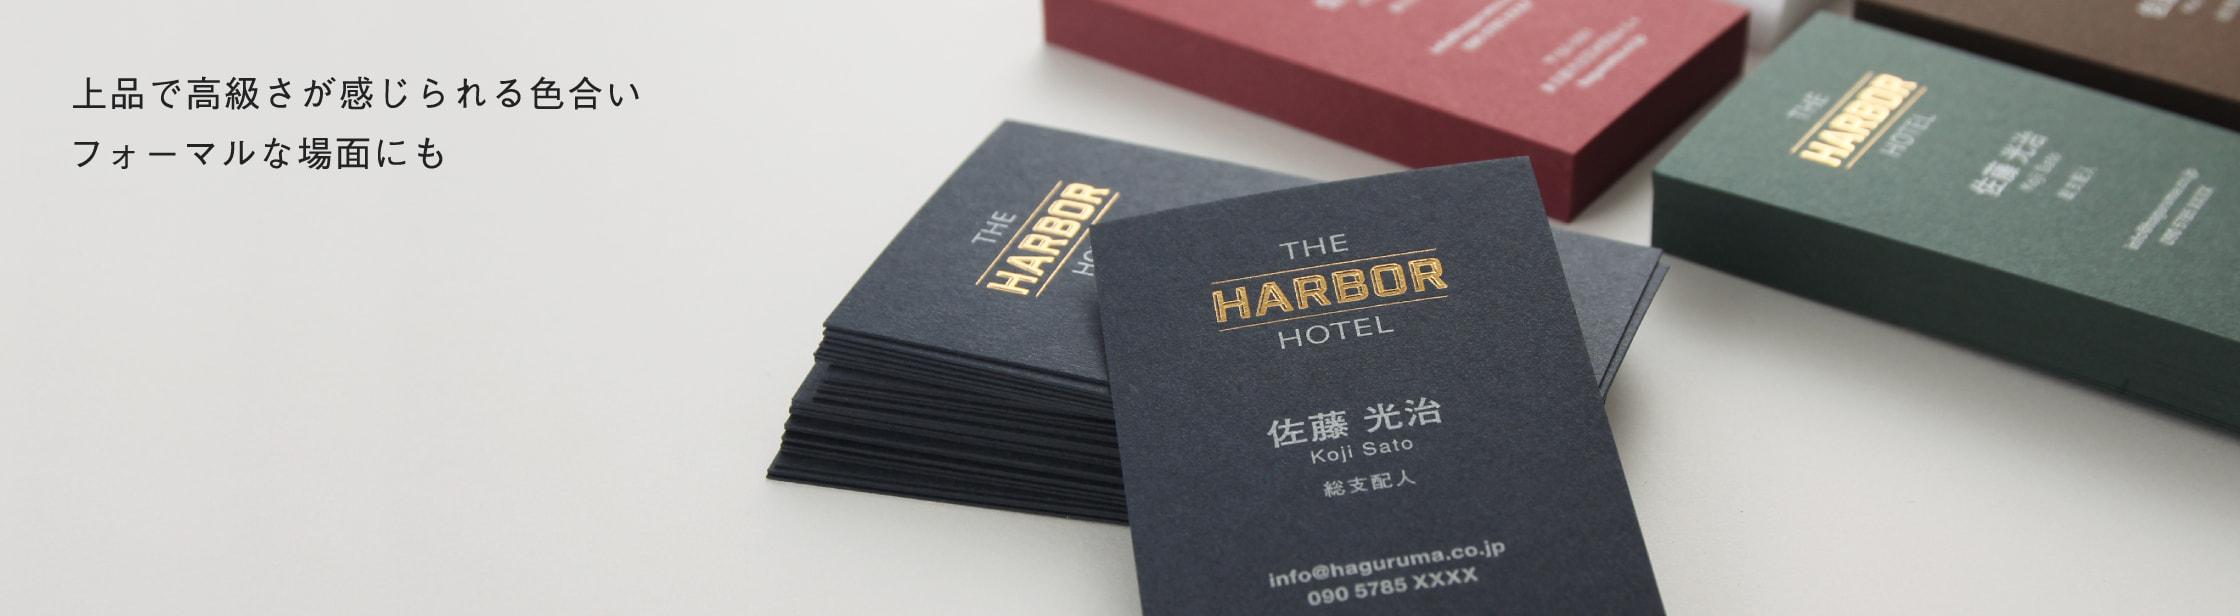 深い色合いの封筒・カード